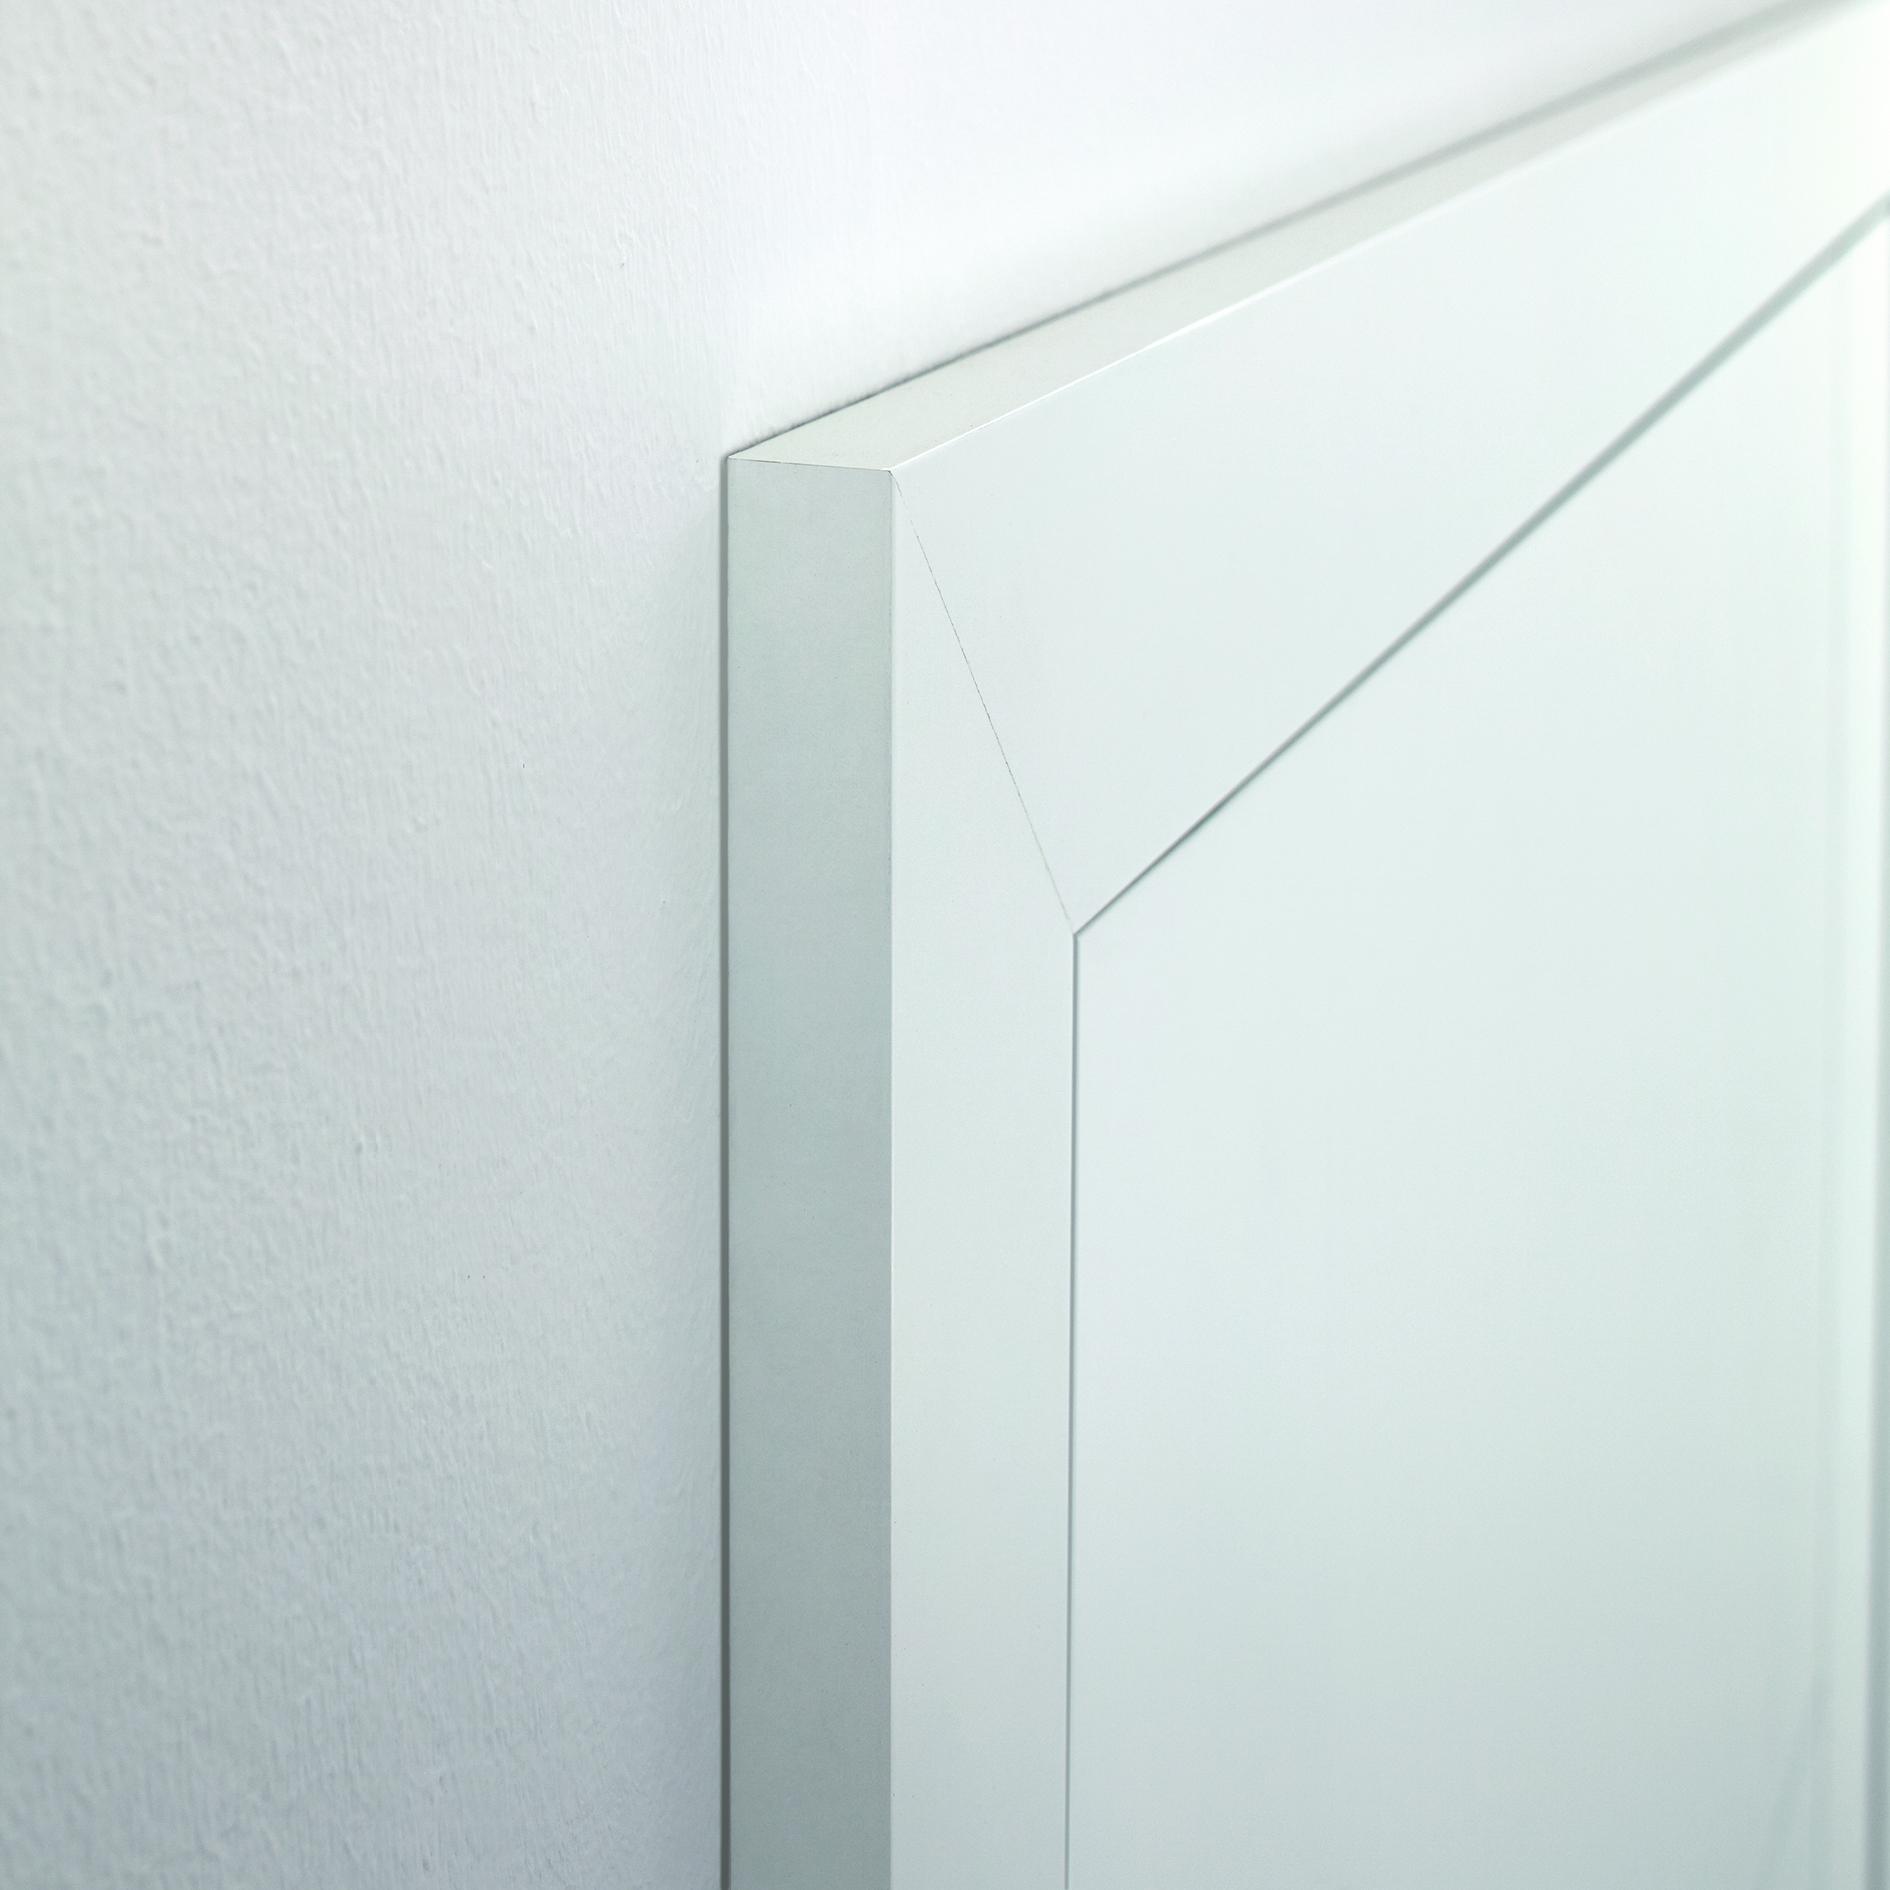 Vendula - Interiérové dveře, bezfalcové, plné, hladké, bílé 2100